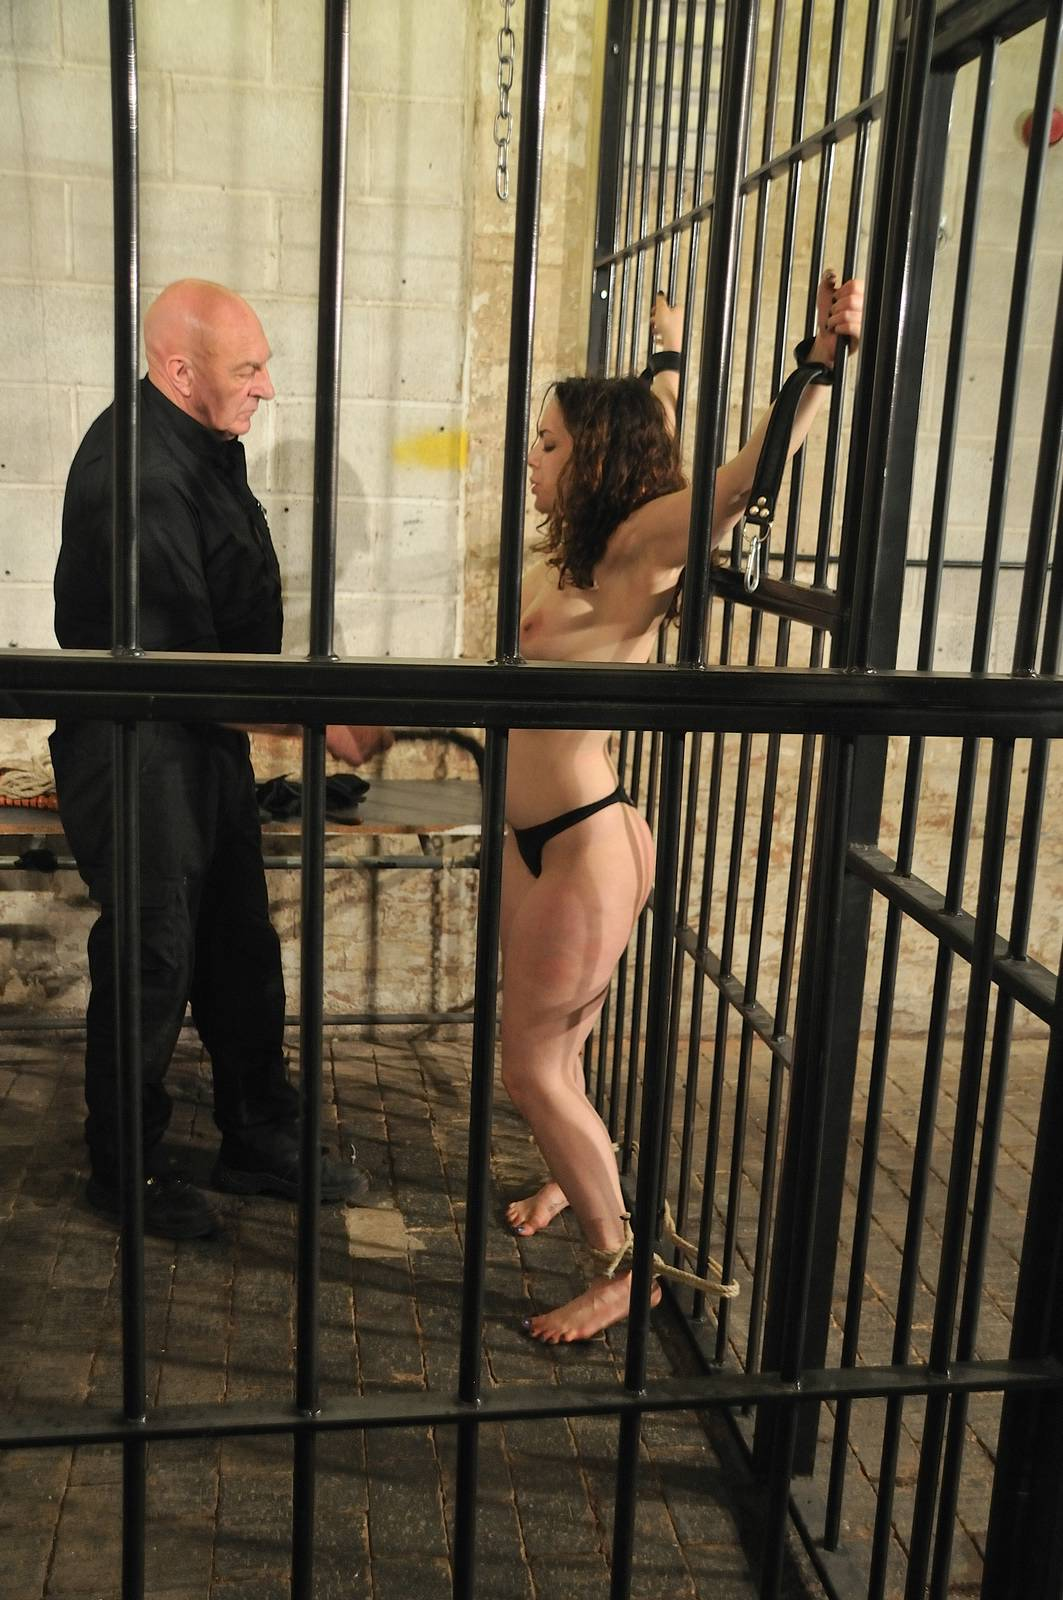 Prisoner Bdsm